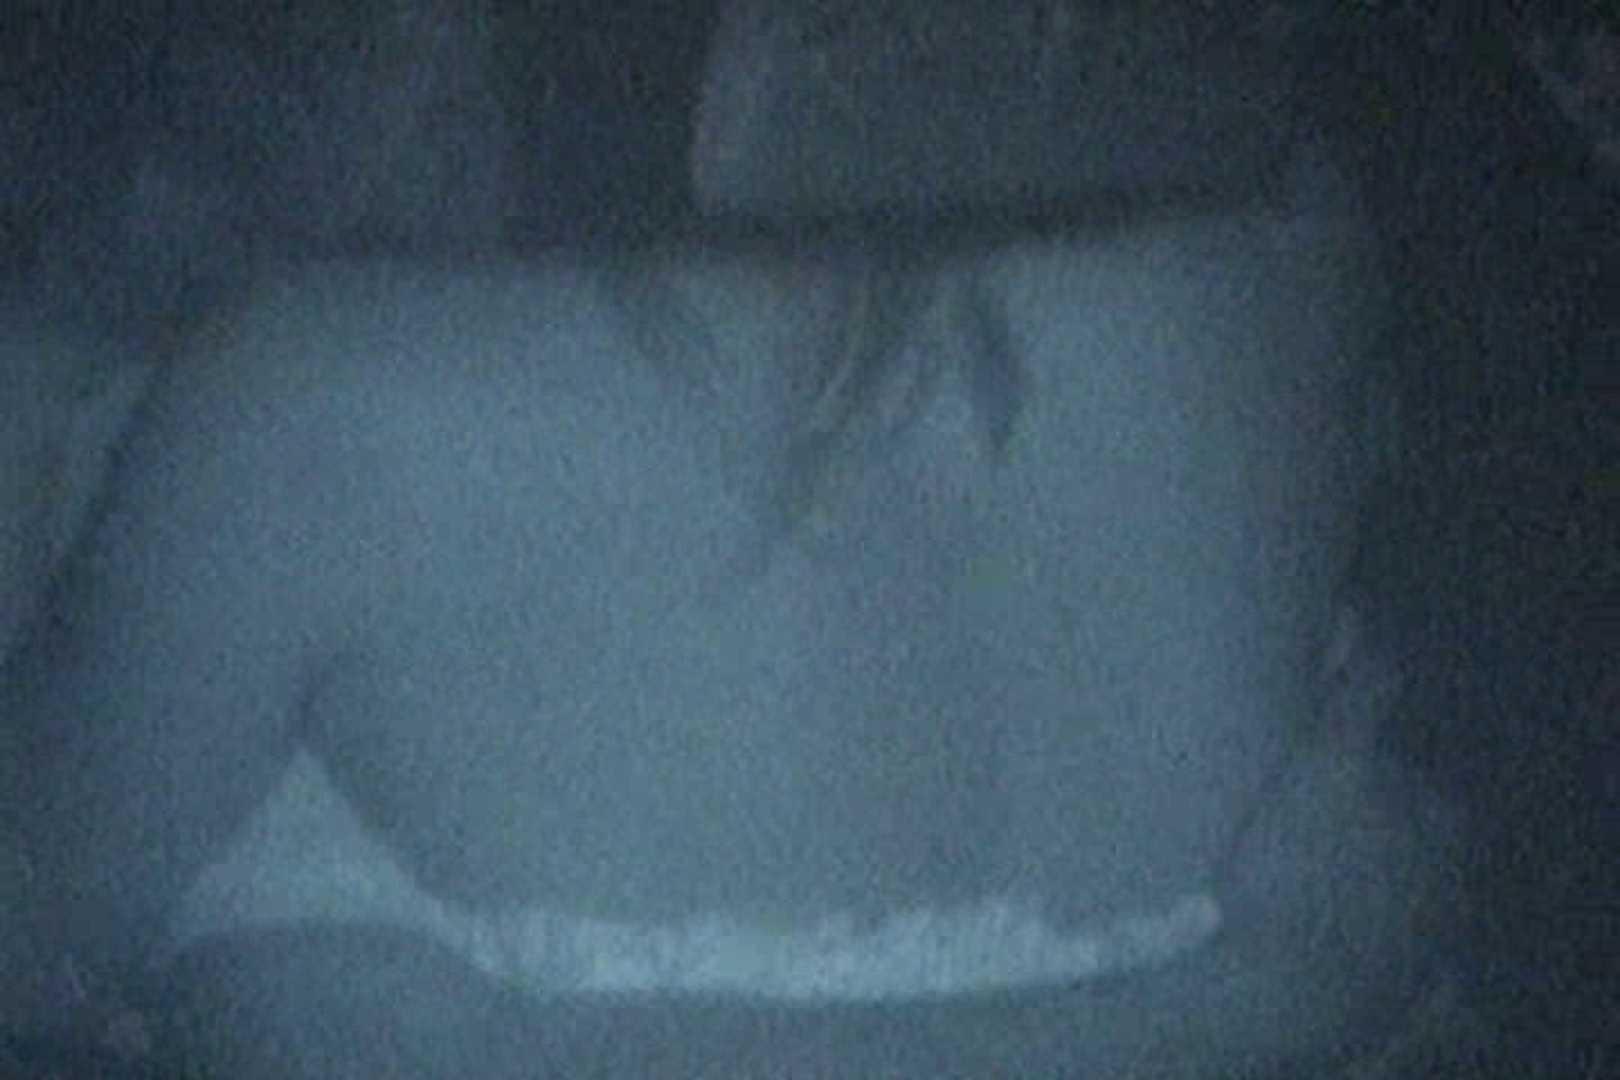 「充血監督」さんの深夜の運動会!! vol.147 カップルのsex | セックス  108枚 55